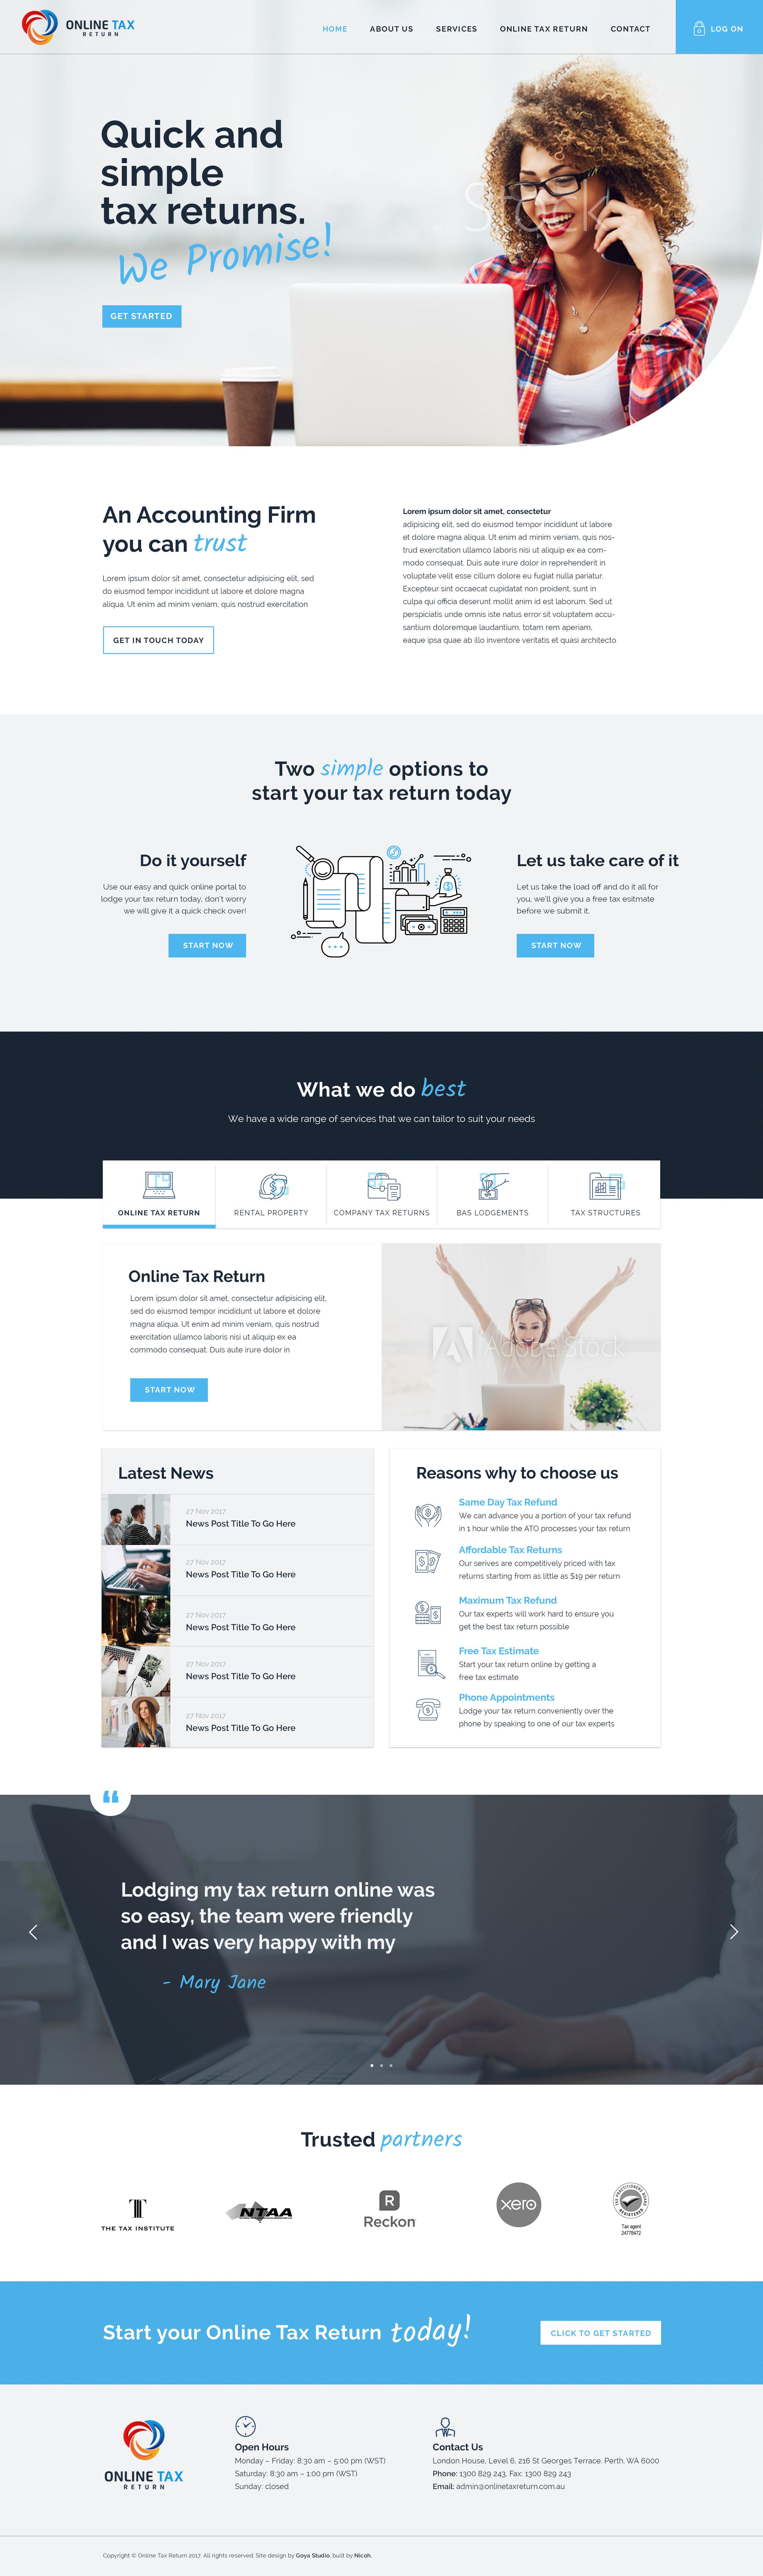 NICO001 Online Tax Return Website - Home.jpg